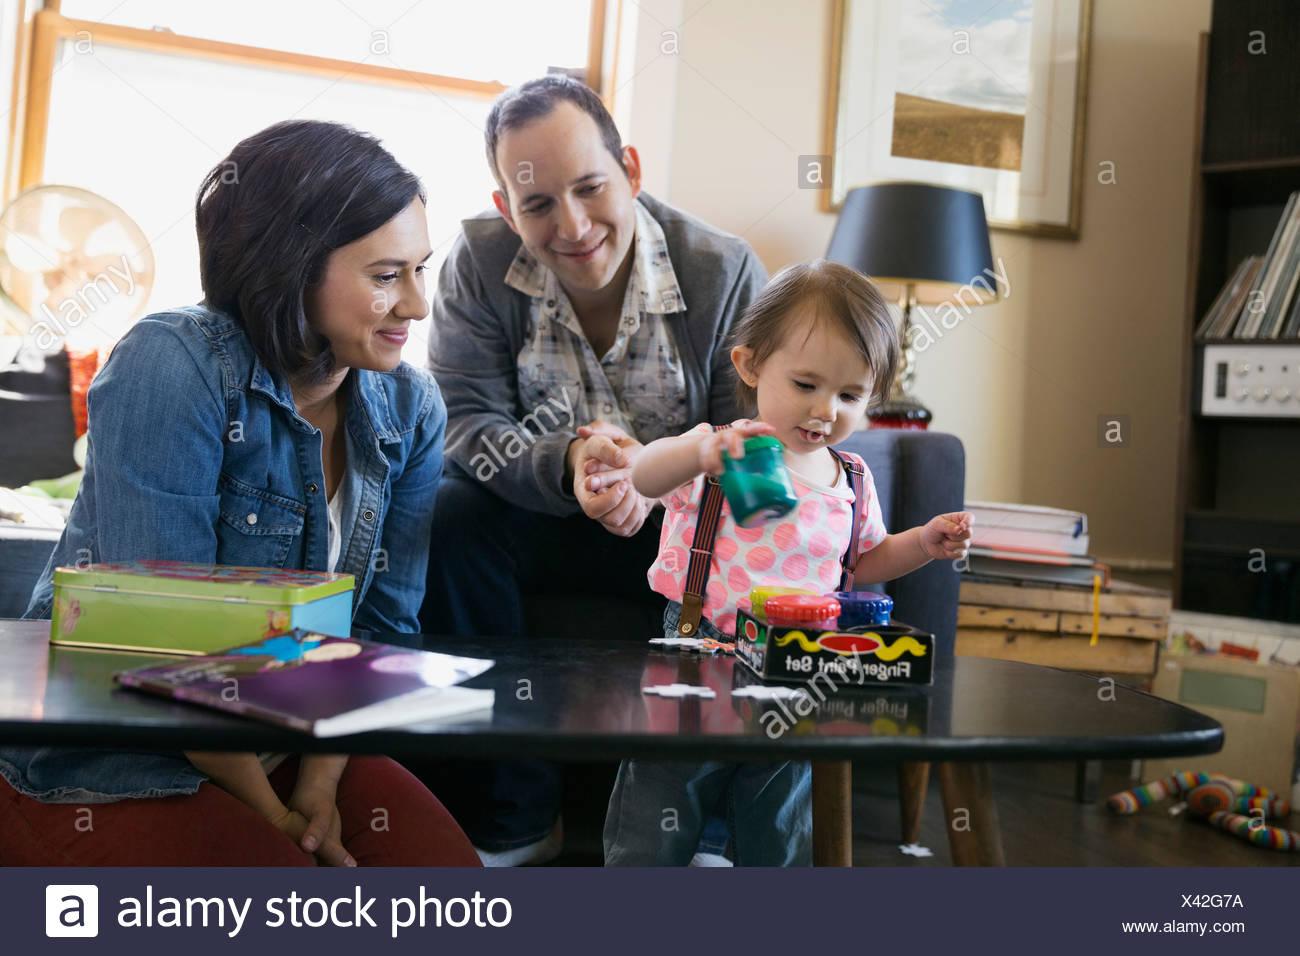 Famiglia giovane giocando in salotto Immagini Stock